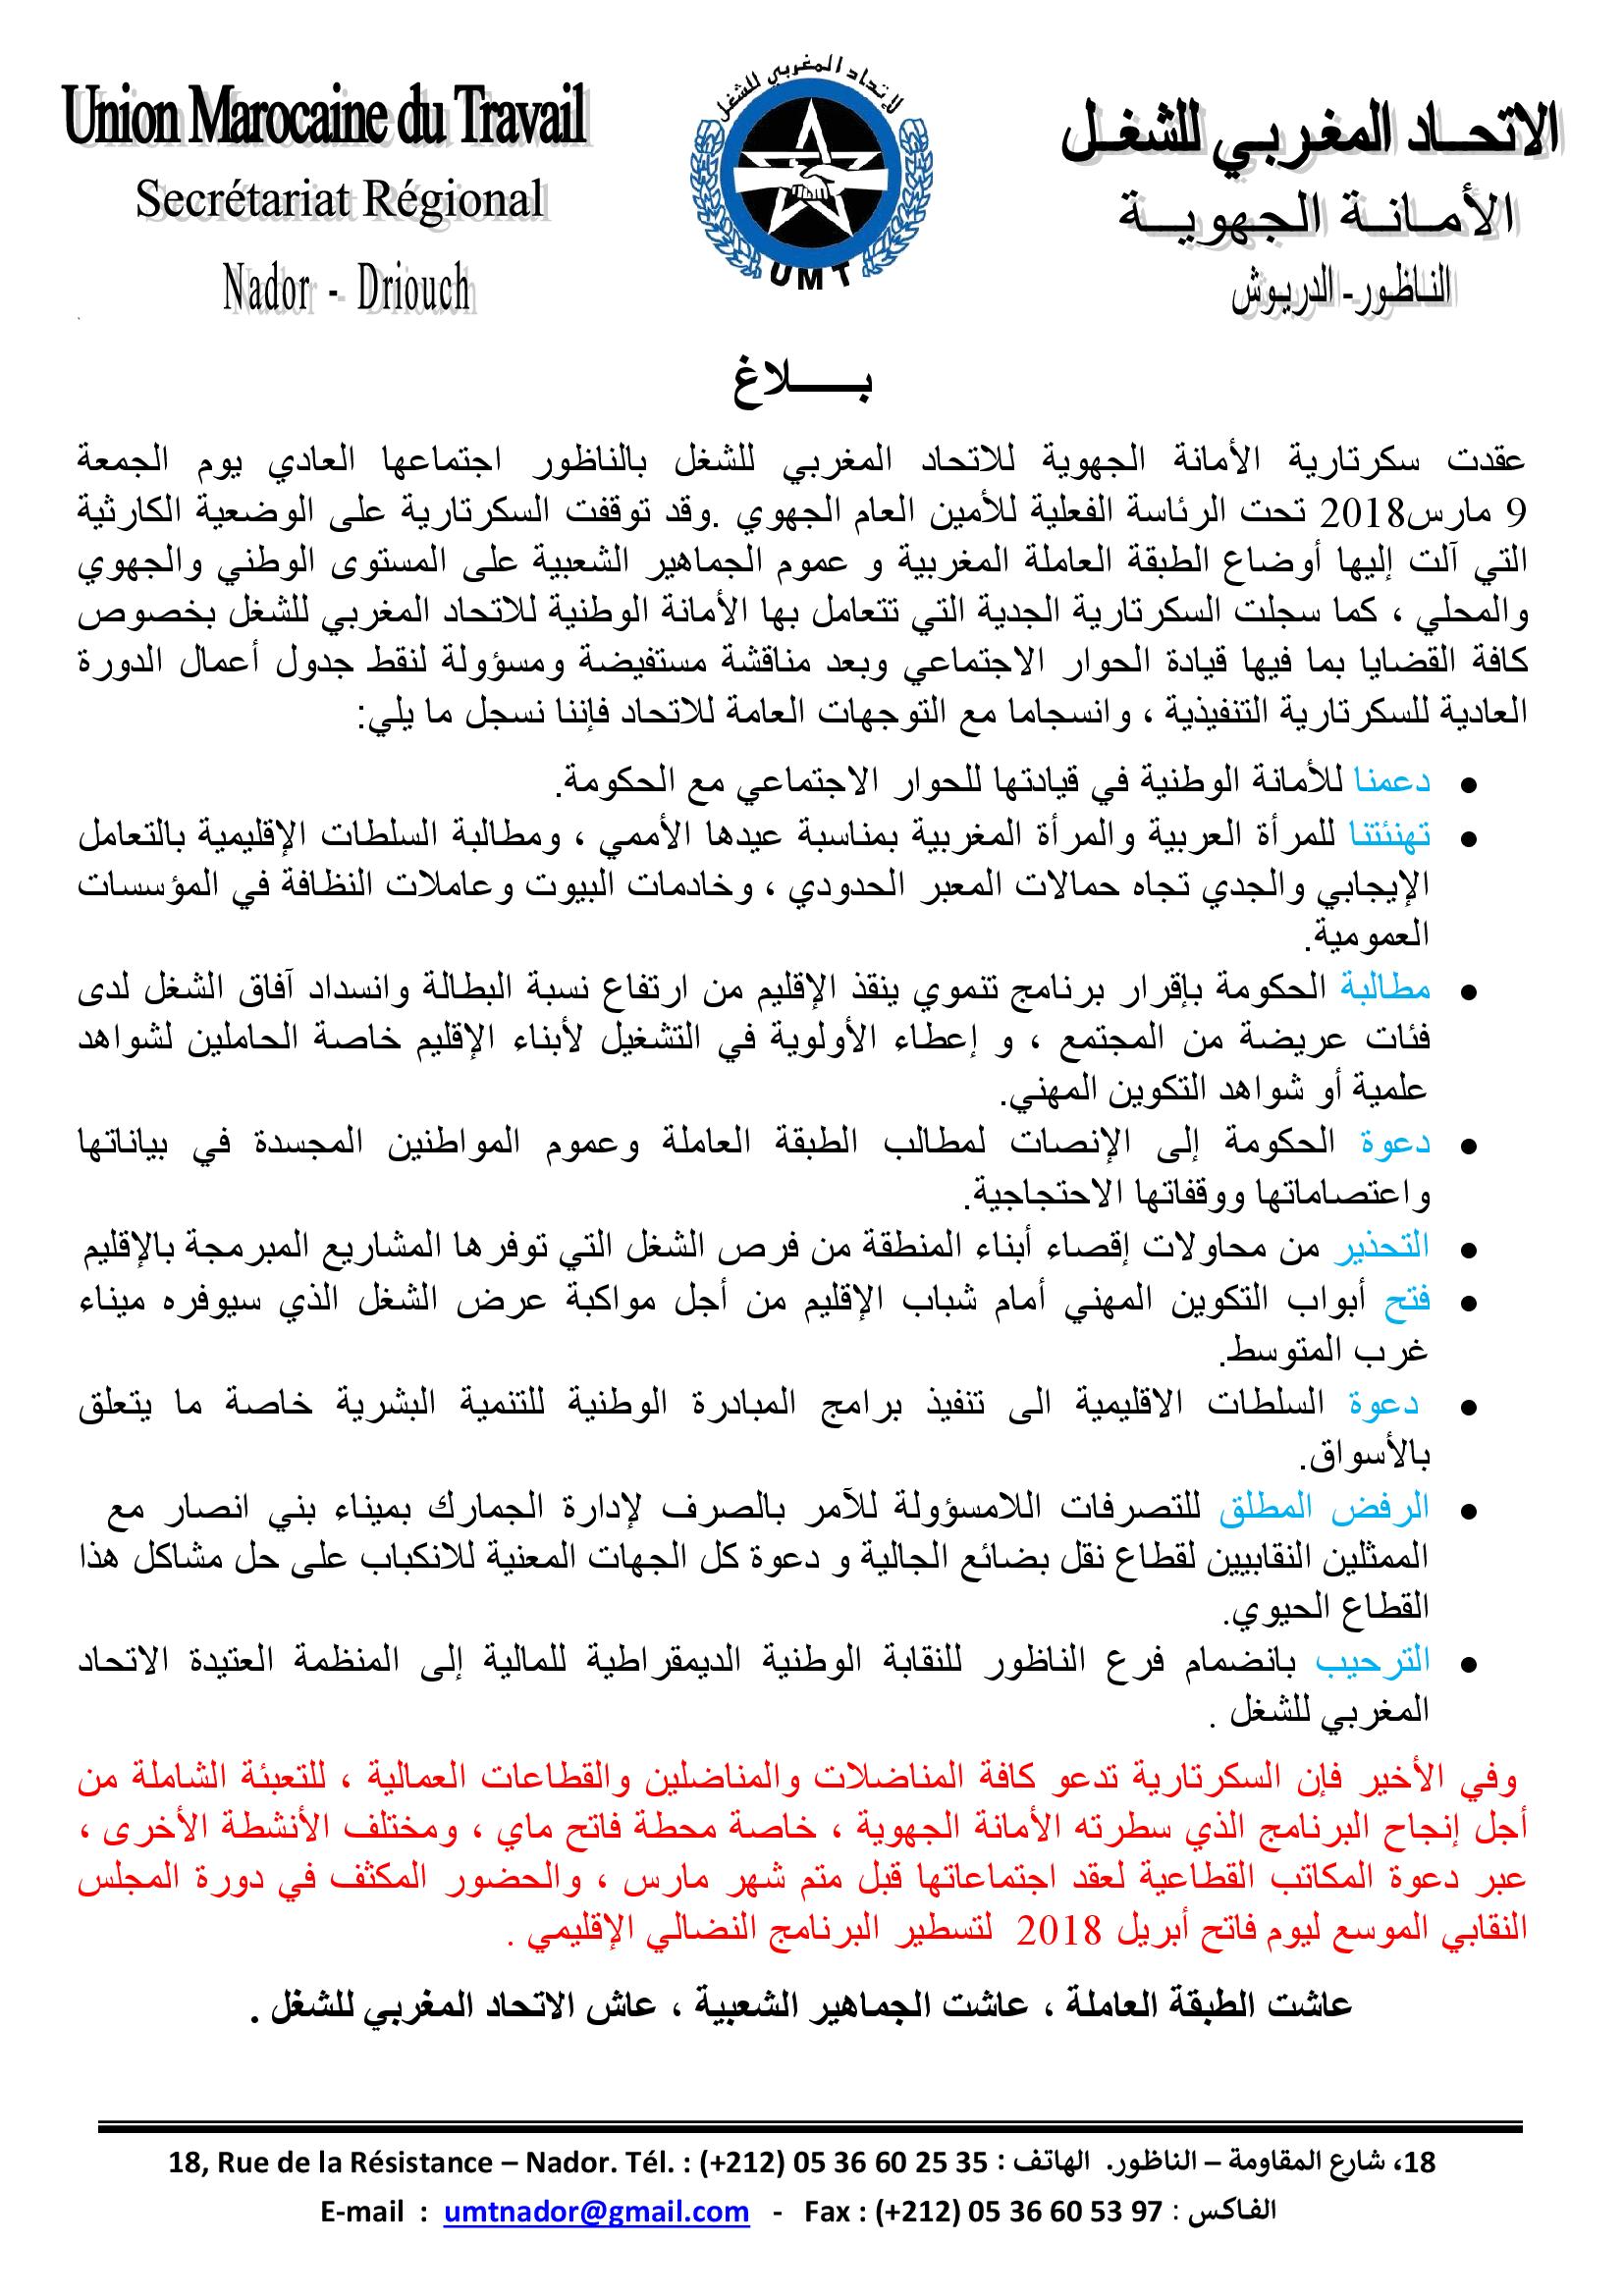 بلاغ : السكرتارية التنفيذية للاتحاد المغربي للشغل بالناظور تدعو لتكوين شباب الاقليم للشغل بميناء غرب المتوسط